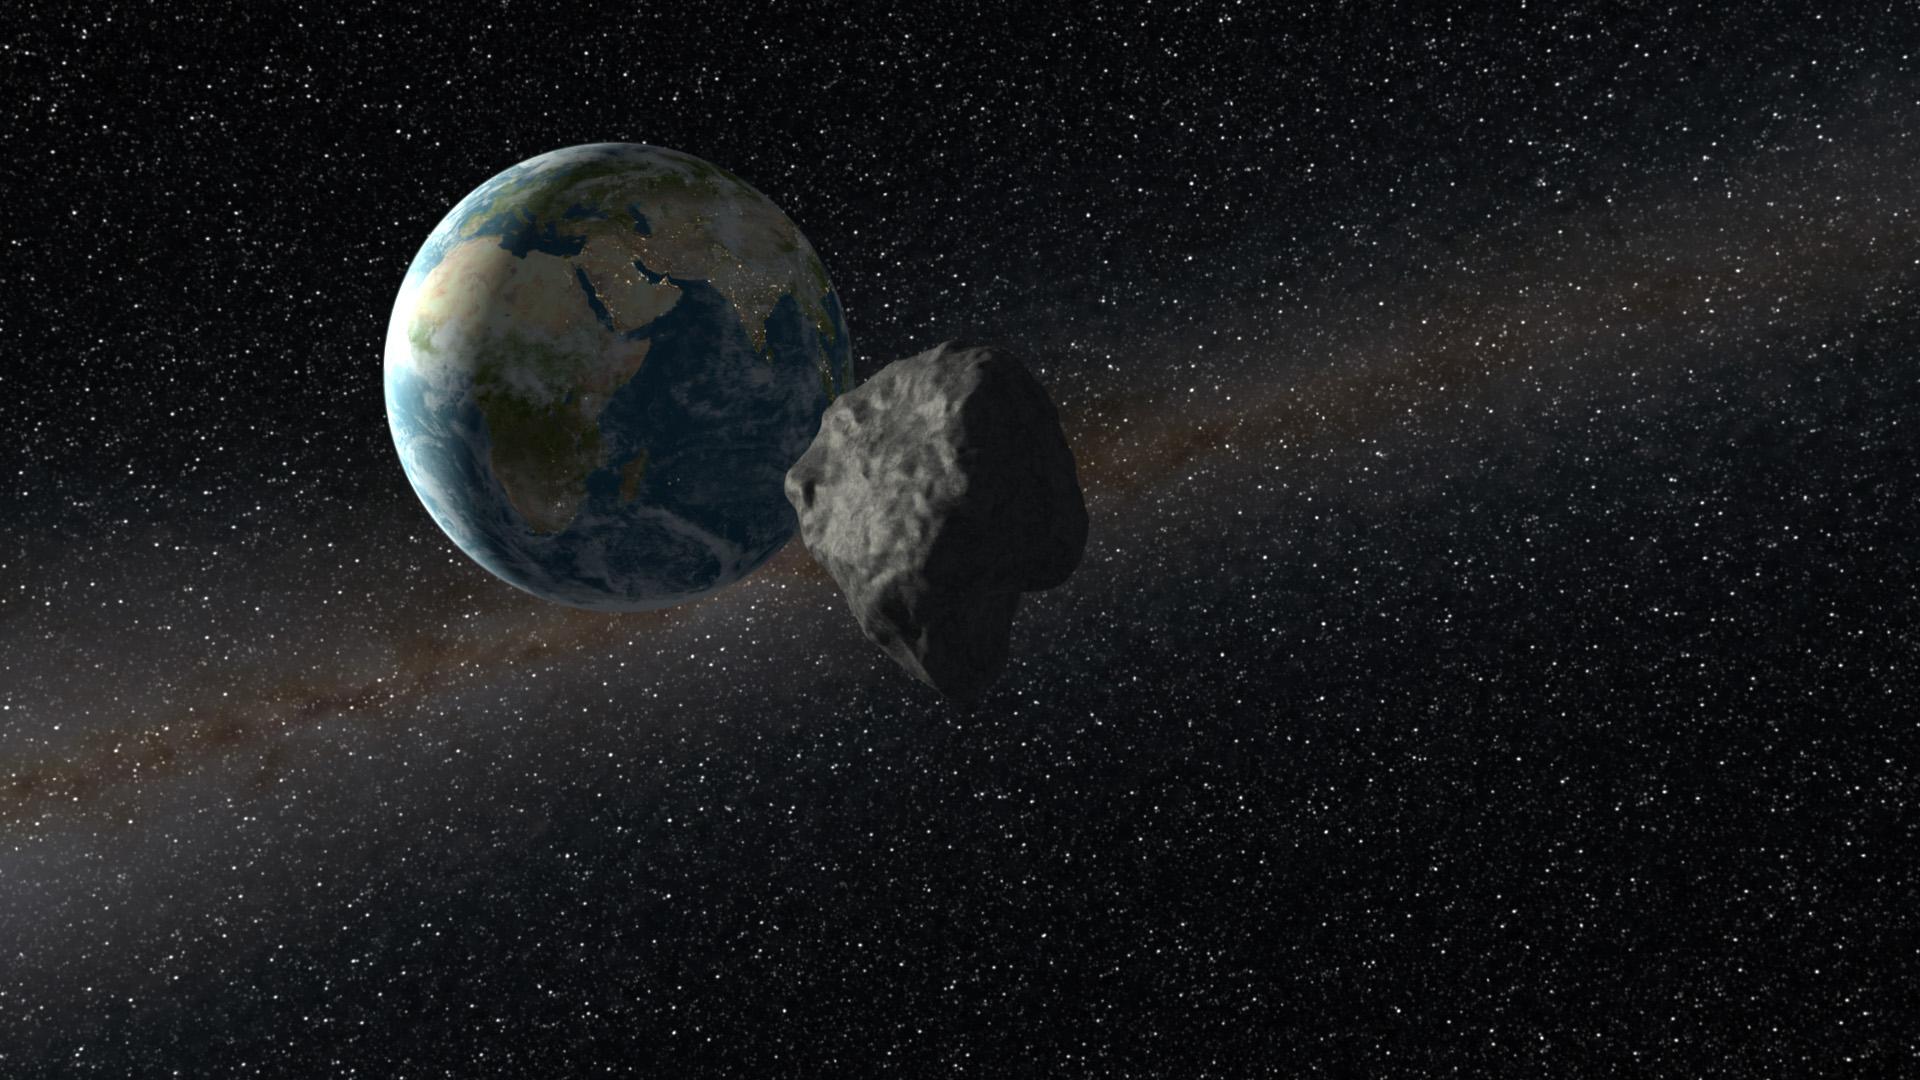 Астероид 2015 TB145 пролетит вблизи Земли на Хэллоуин